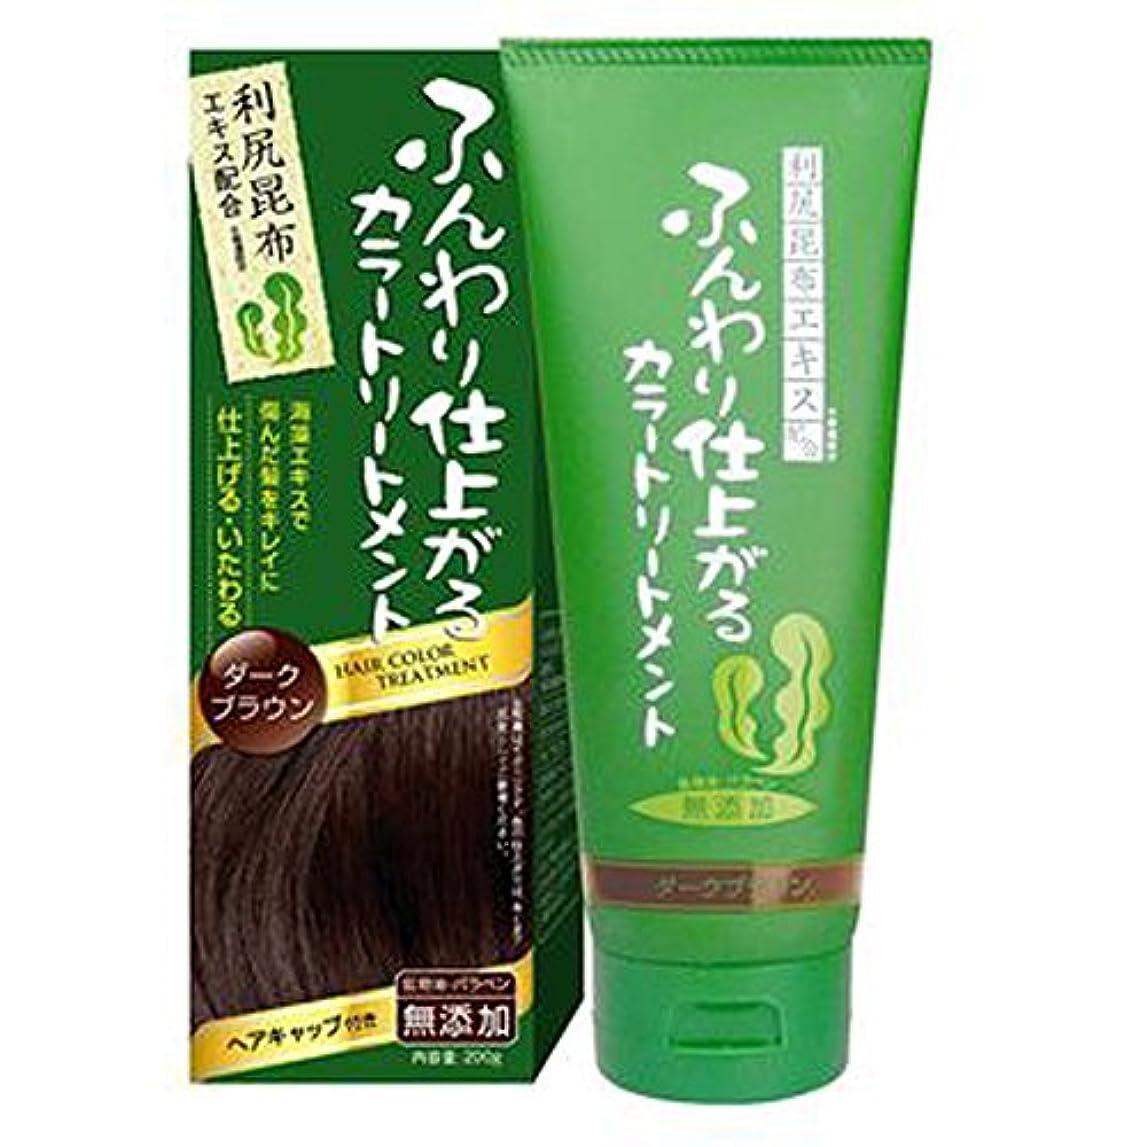 粘り強い乱用吸い込むふんわり仕上がるカラートリートメント 白髪 染め 保湿 利尻昆布エキス配合 ヘアカラー (200g ダークブラウン) rishiri-haircolor-200g-dbr